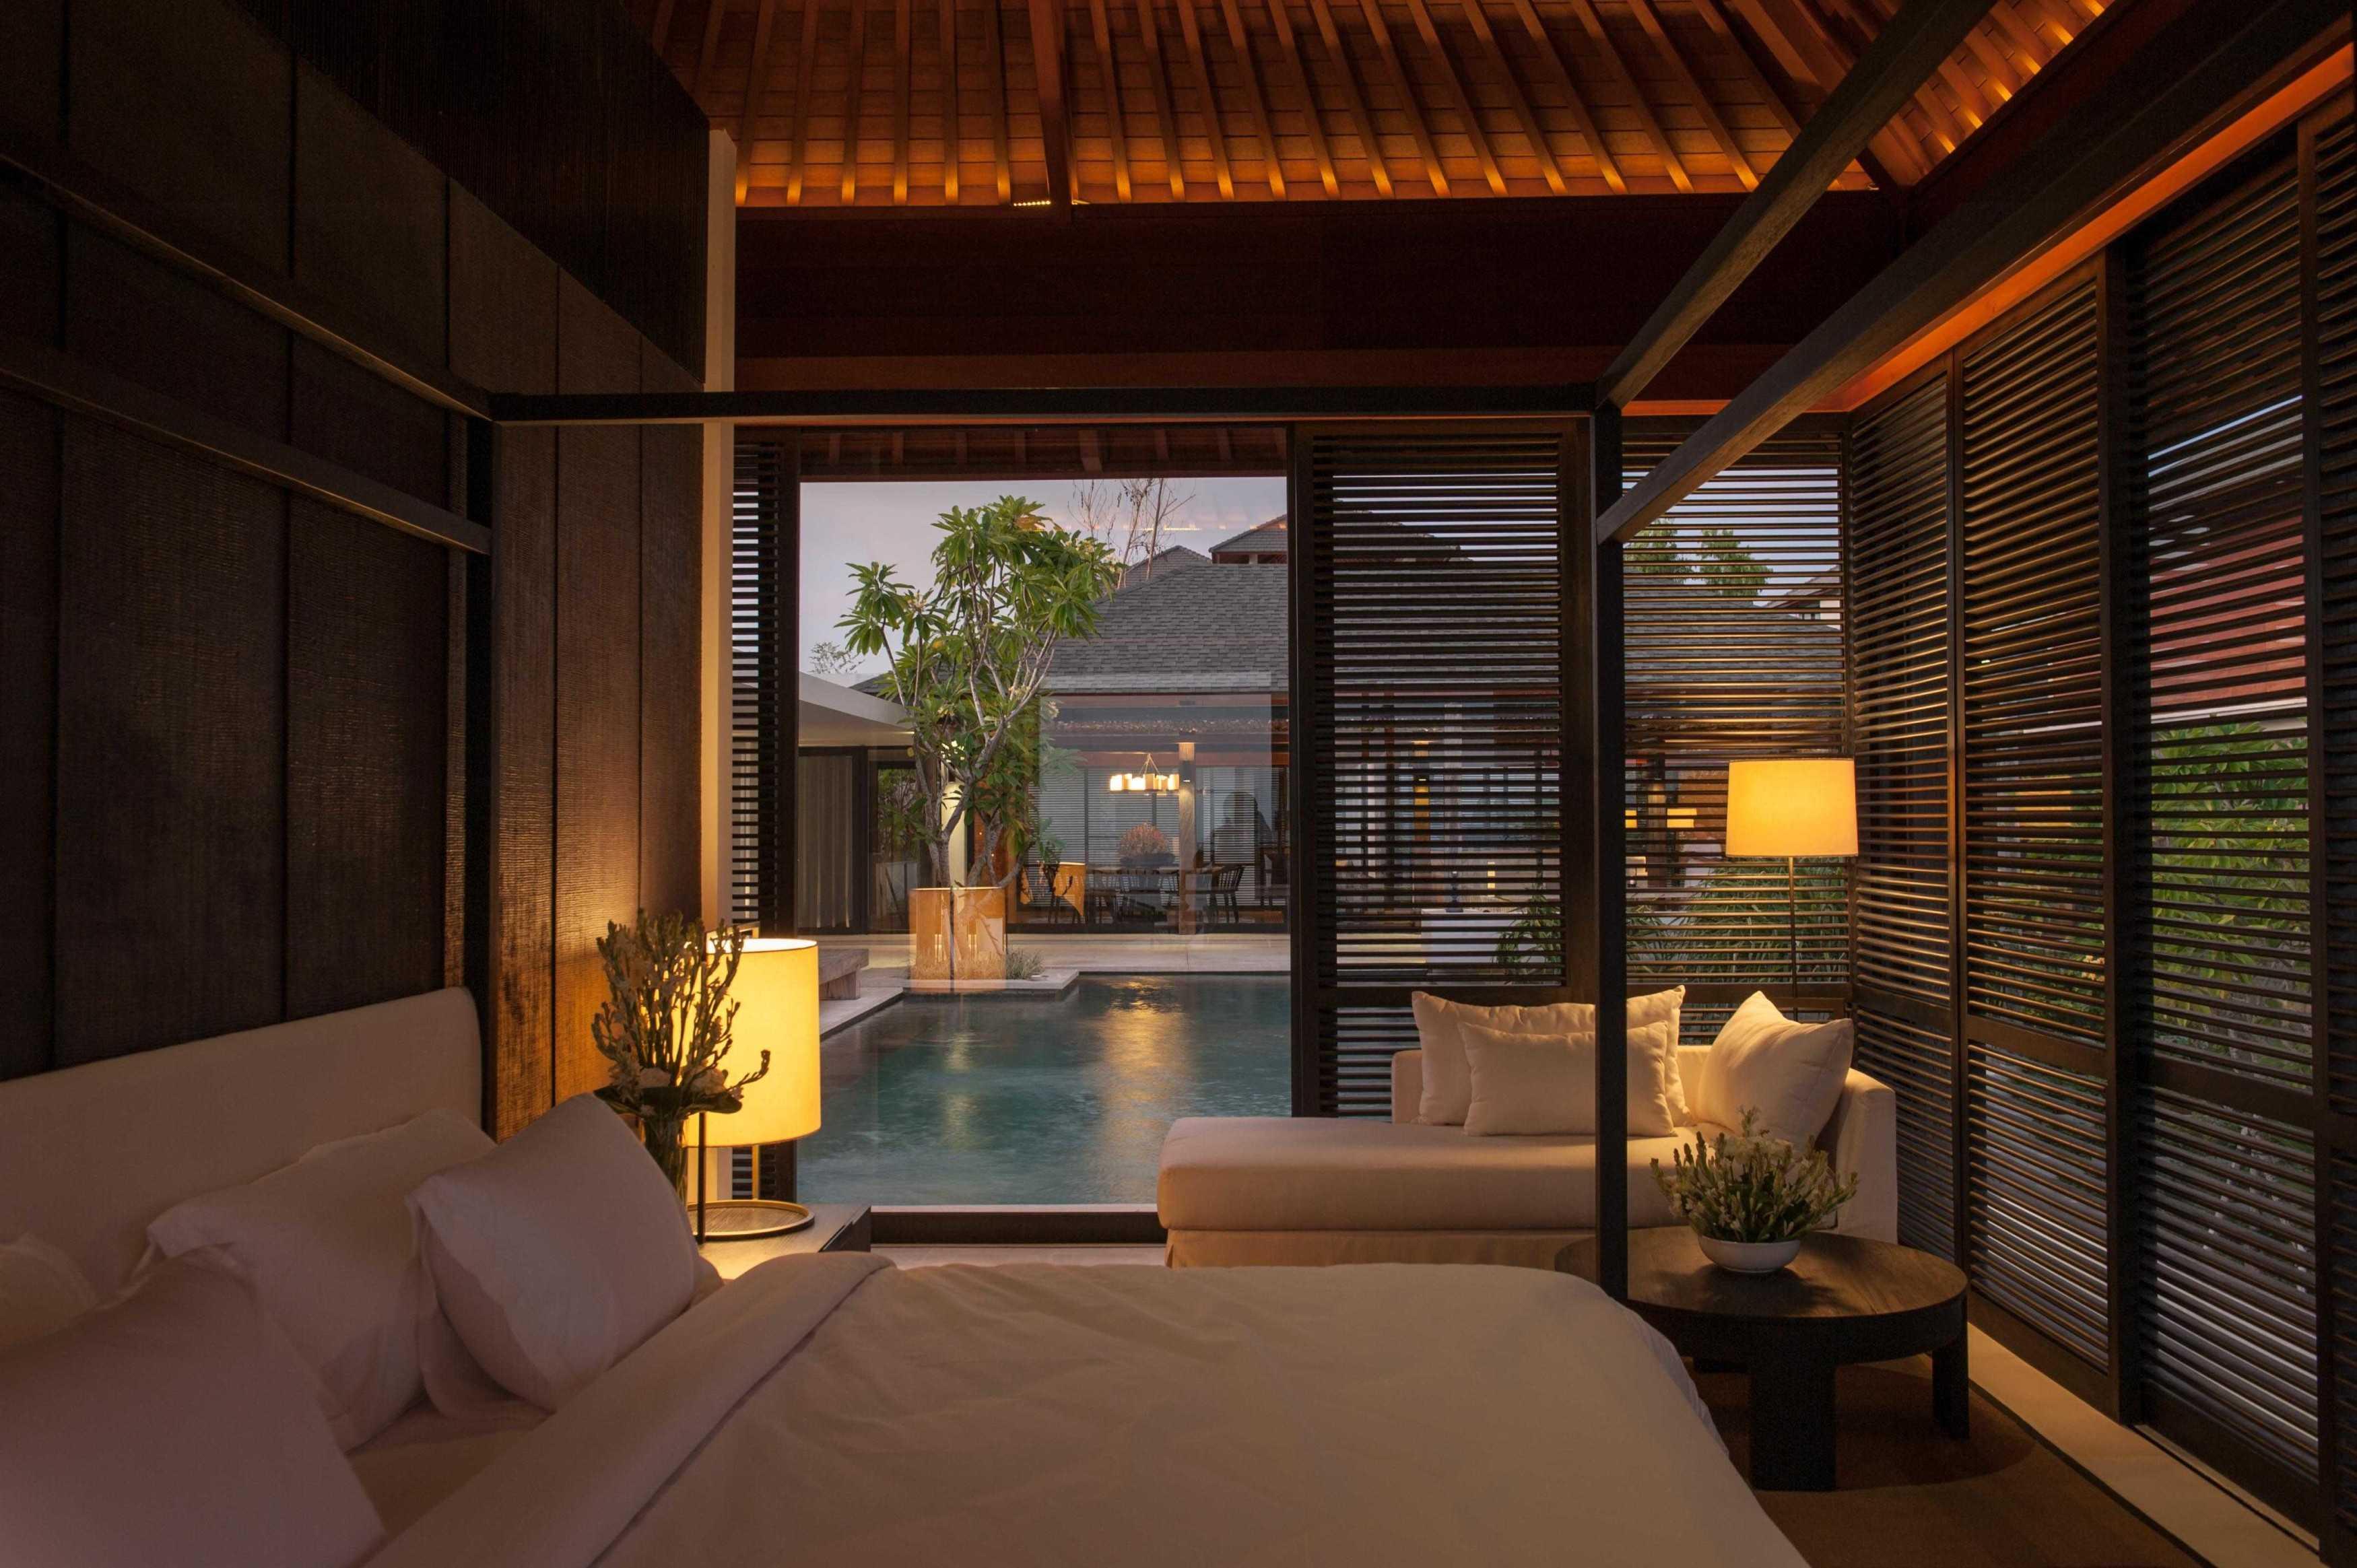 A & Partners Karang Saujana Bali Bali Bedroom View   9296